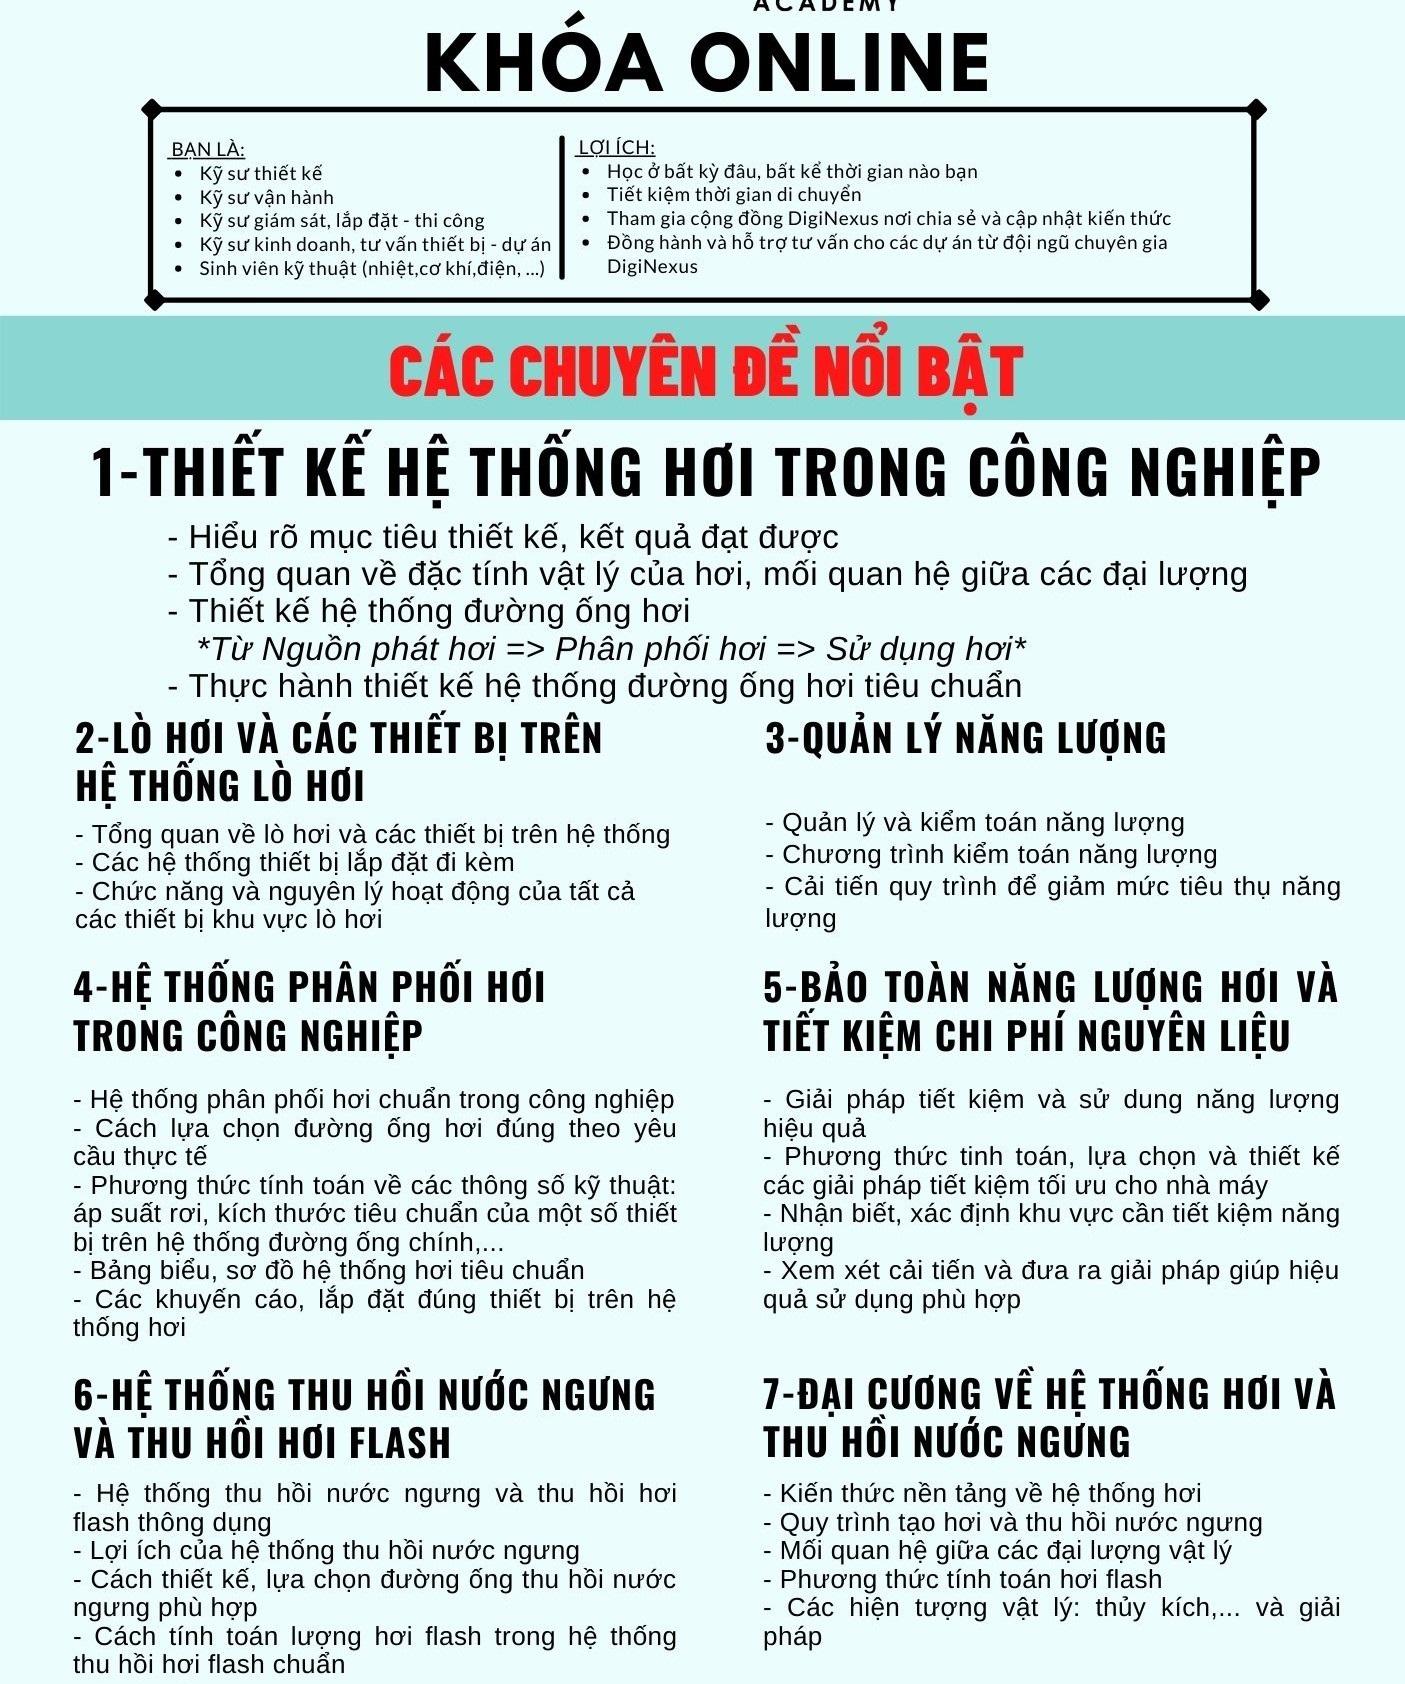 Khóa Online Update 15.03